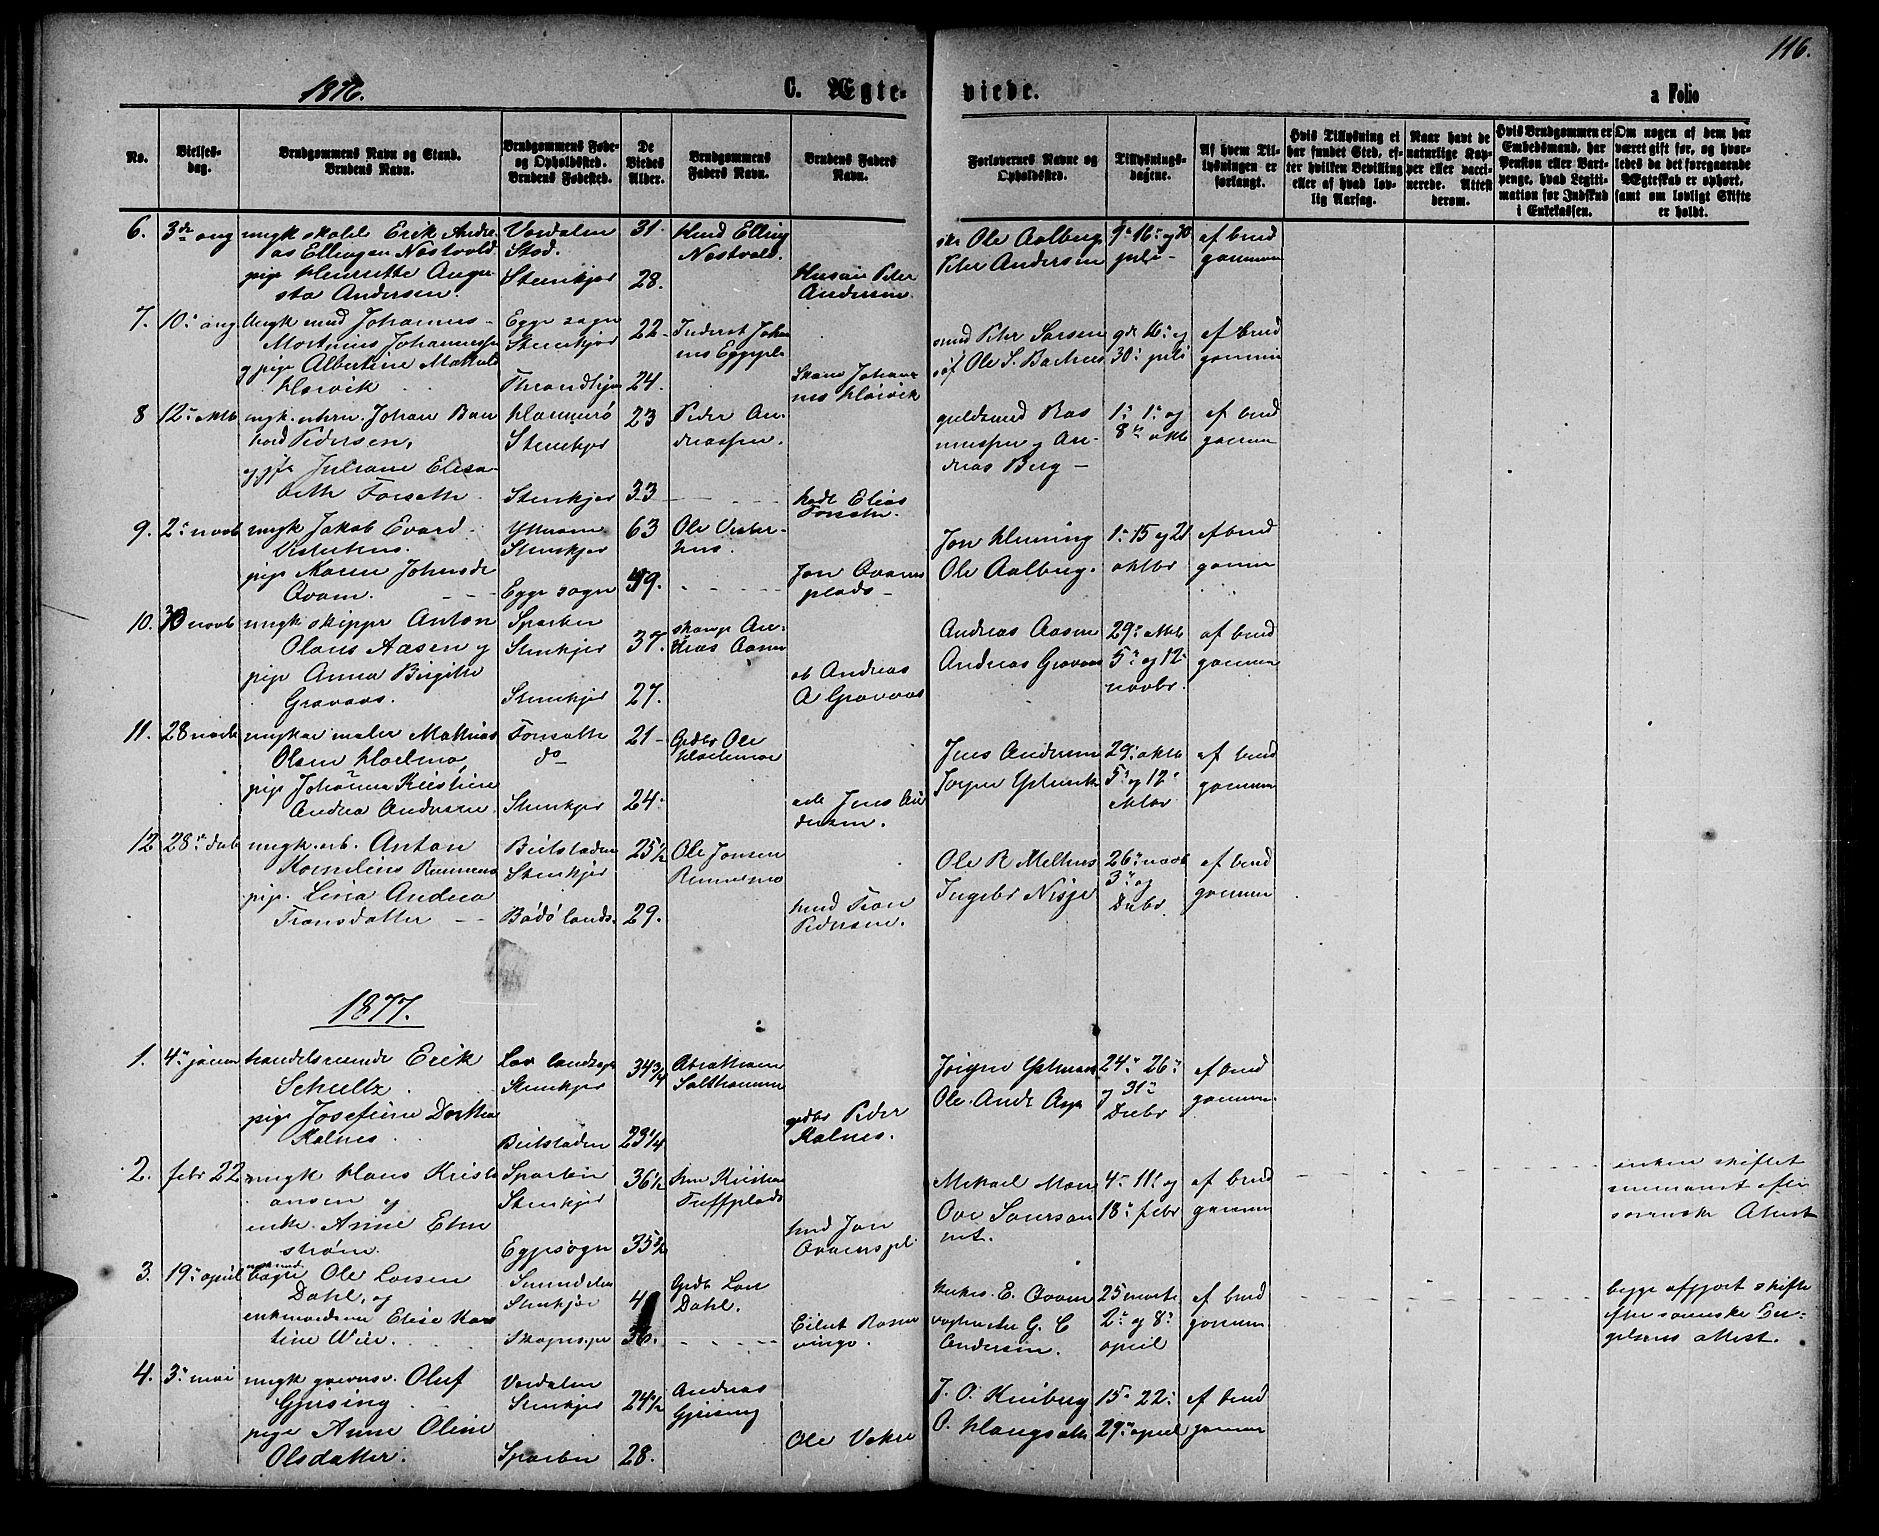 SAT, Ministerialprotokoller, klokkerbøker og fødselsregistre - Nord-Trøndelag, 739/L0373: Klokkerbok nr. 739C01, 1865-1882, s. 116